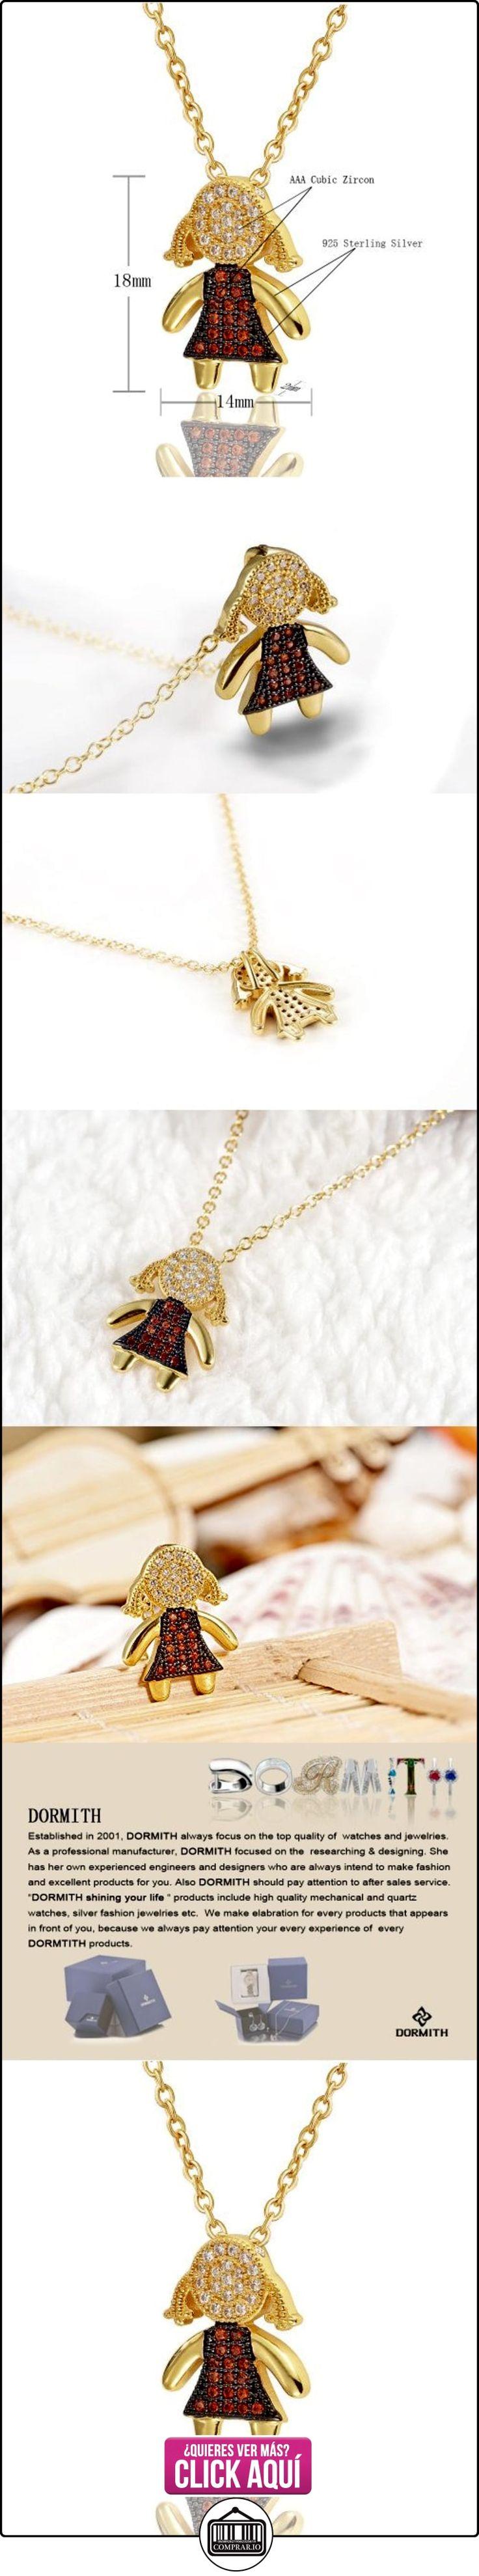 Dormith® Plata de ley 925 Ópalo de fuego sintético y AAA circonio cúbico collares para las mujeres Linda Chica colgante de collar rosa chapado en oro moda joyas  ✿ Joyas para mujer - Las mejores ofertas ✿ ▬► Ver oferta: http://comprar.io/goto/B00N5FOZB2